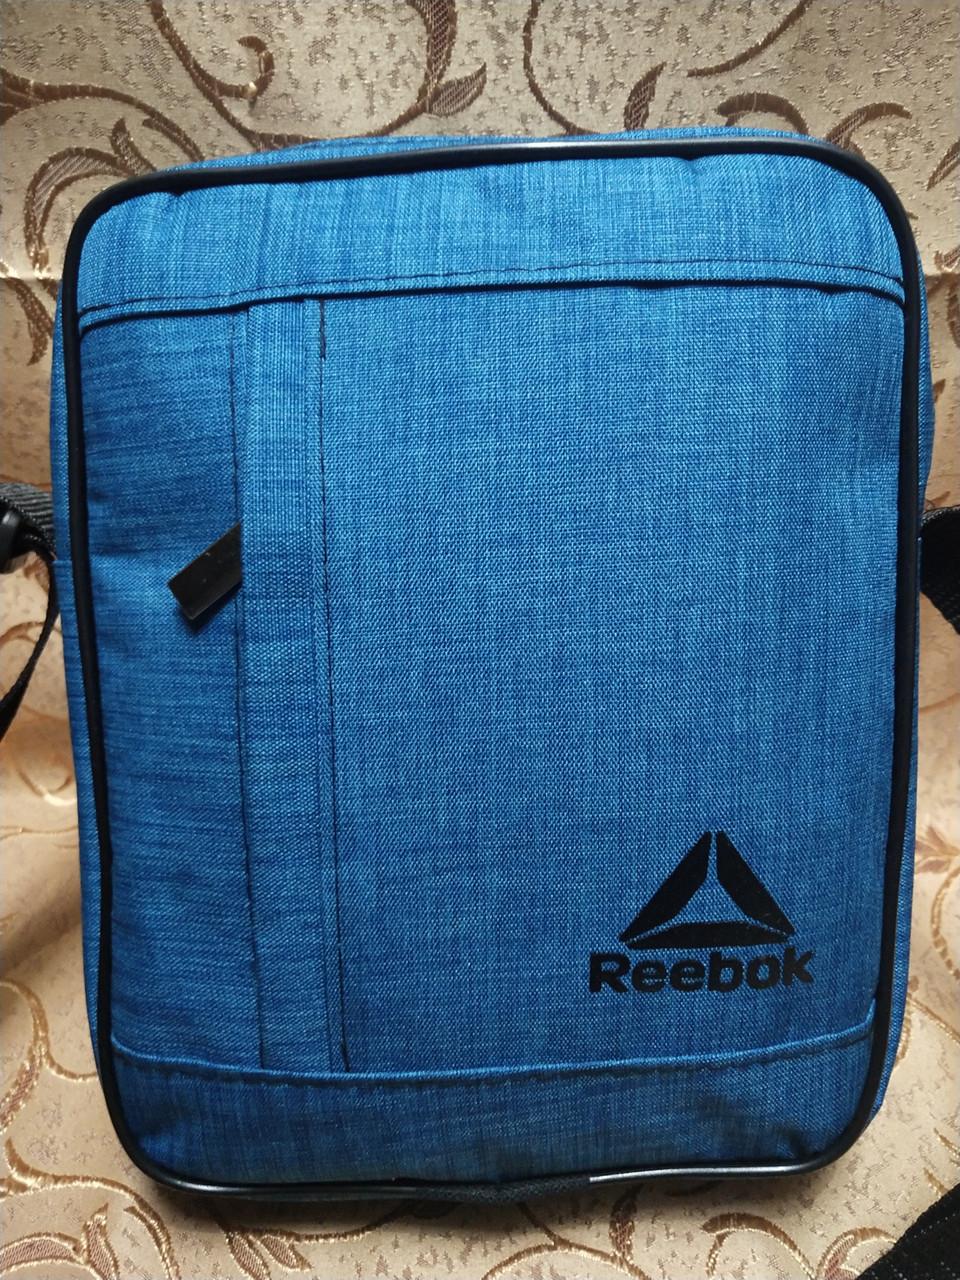 (24*19-большое)Барсеткаvans сумка REEBOK спортивные мессенджер для через плечо Унисекс ОПТ